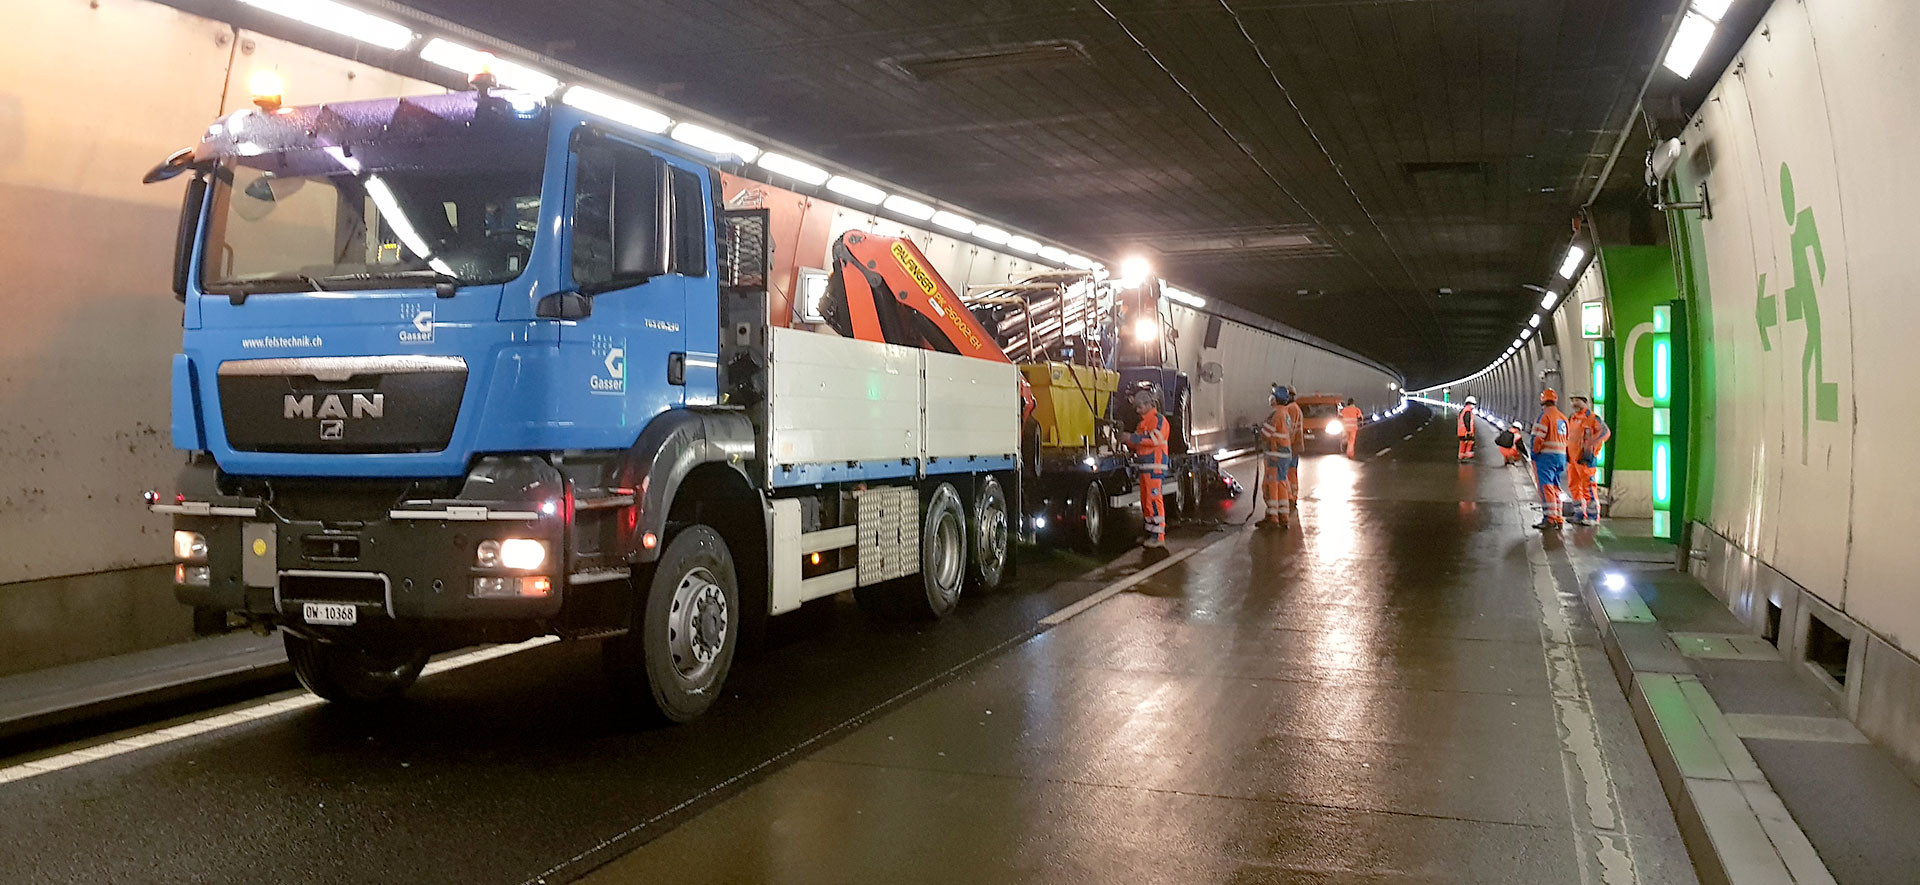 Sofortmassnahmen nach Wassereinbruch im Seelisbergtunnel